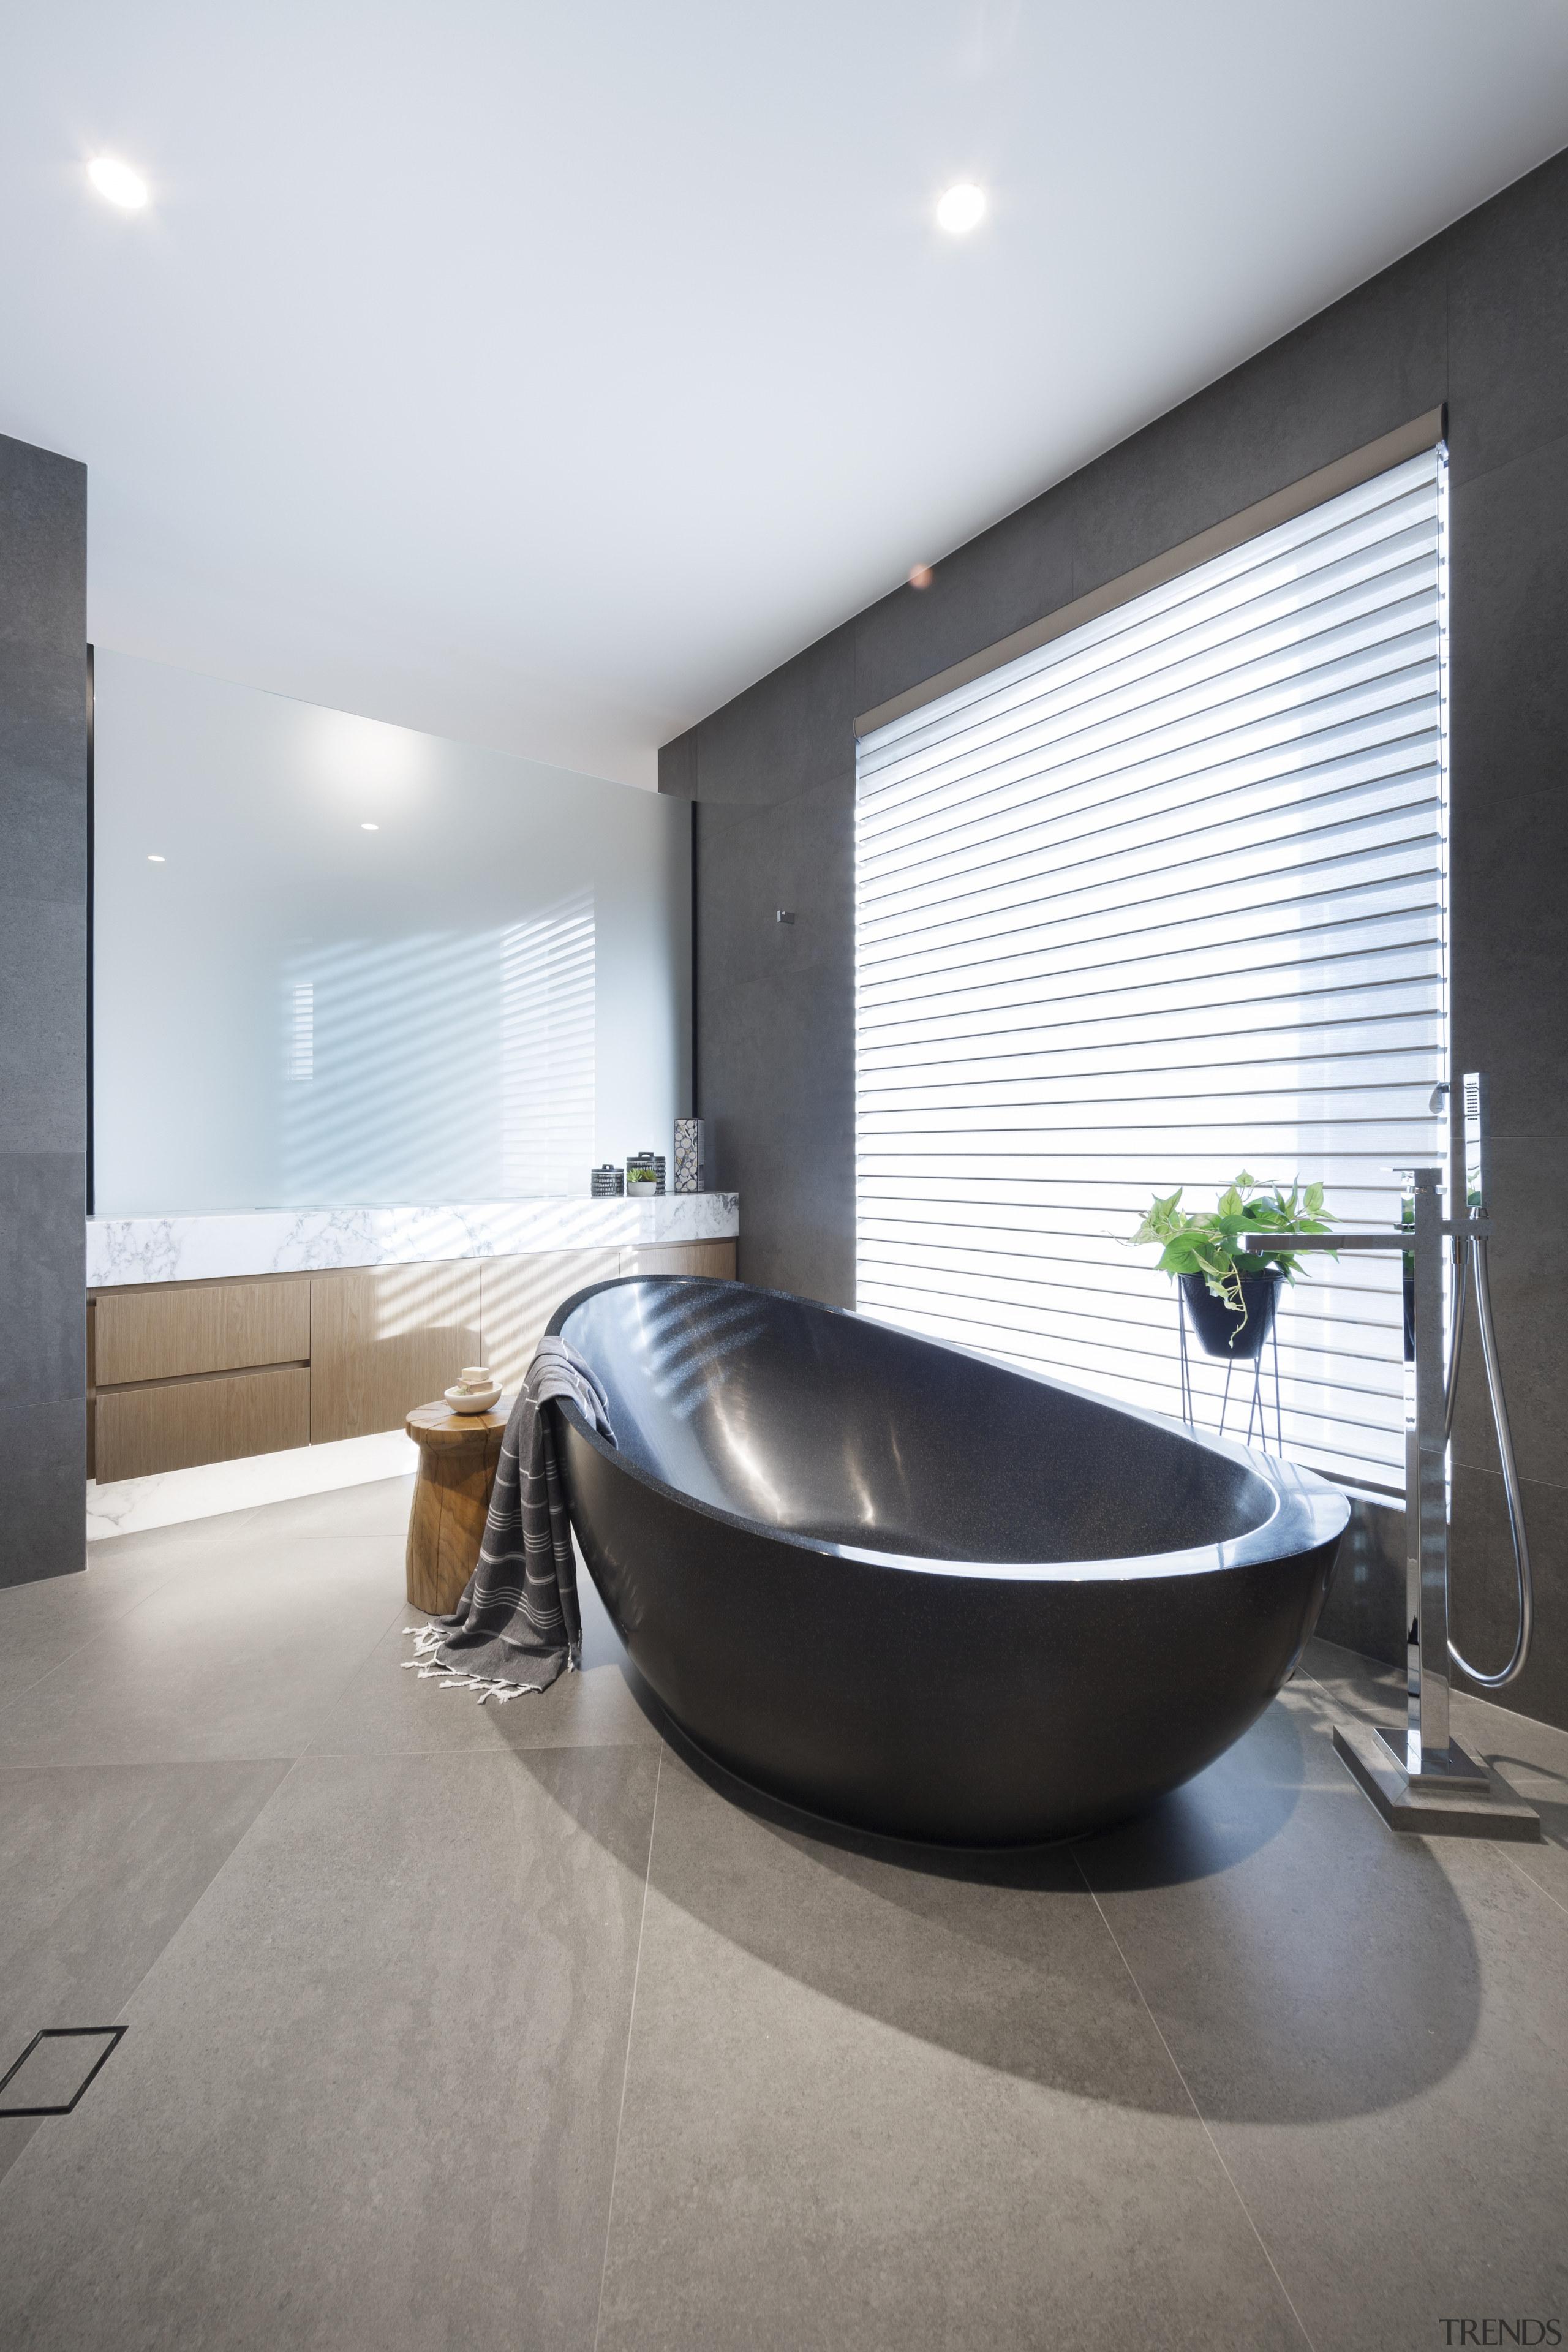 This black Apaiser freestanding bath tub sits on white, gray